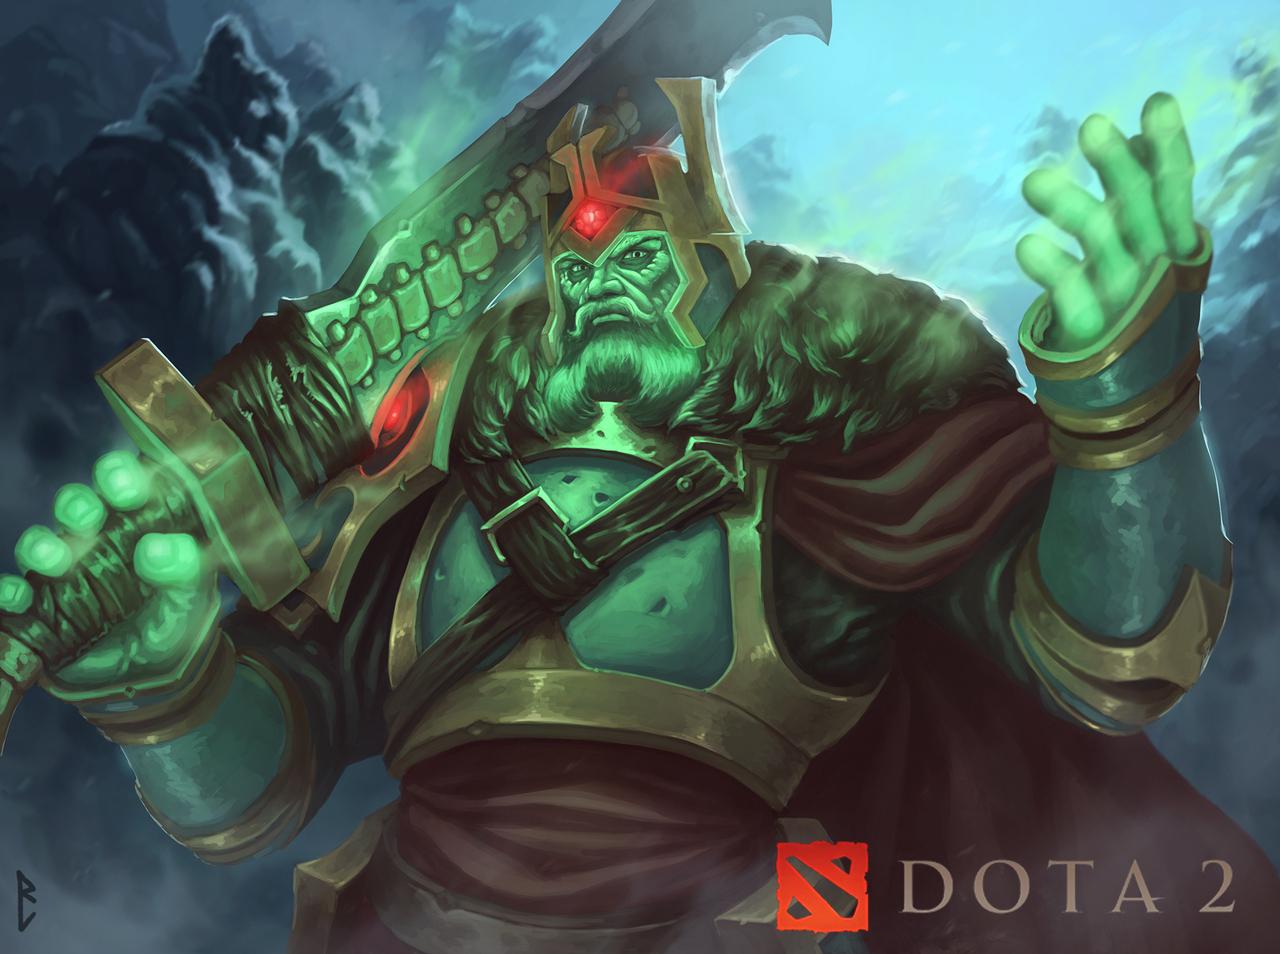 wraith king dota by artdeepmind